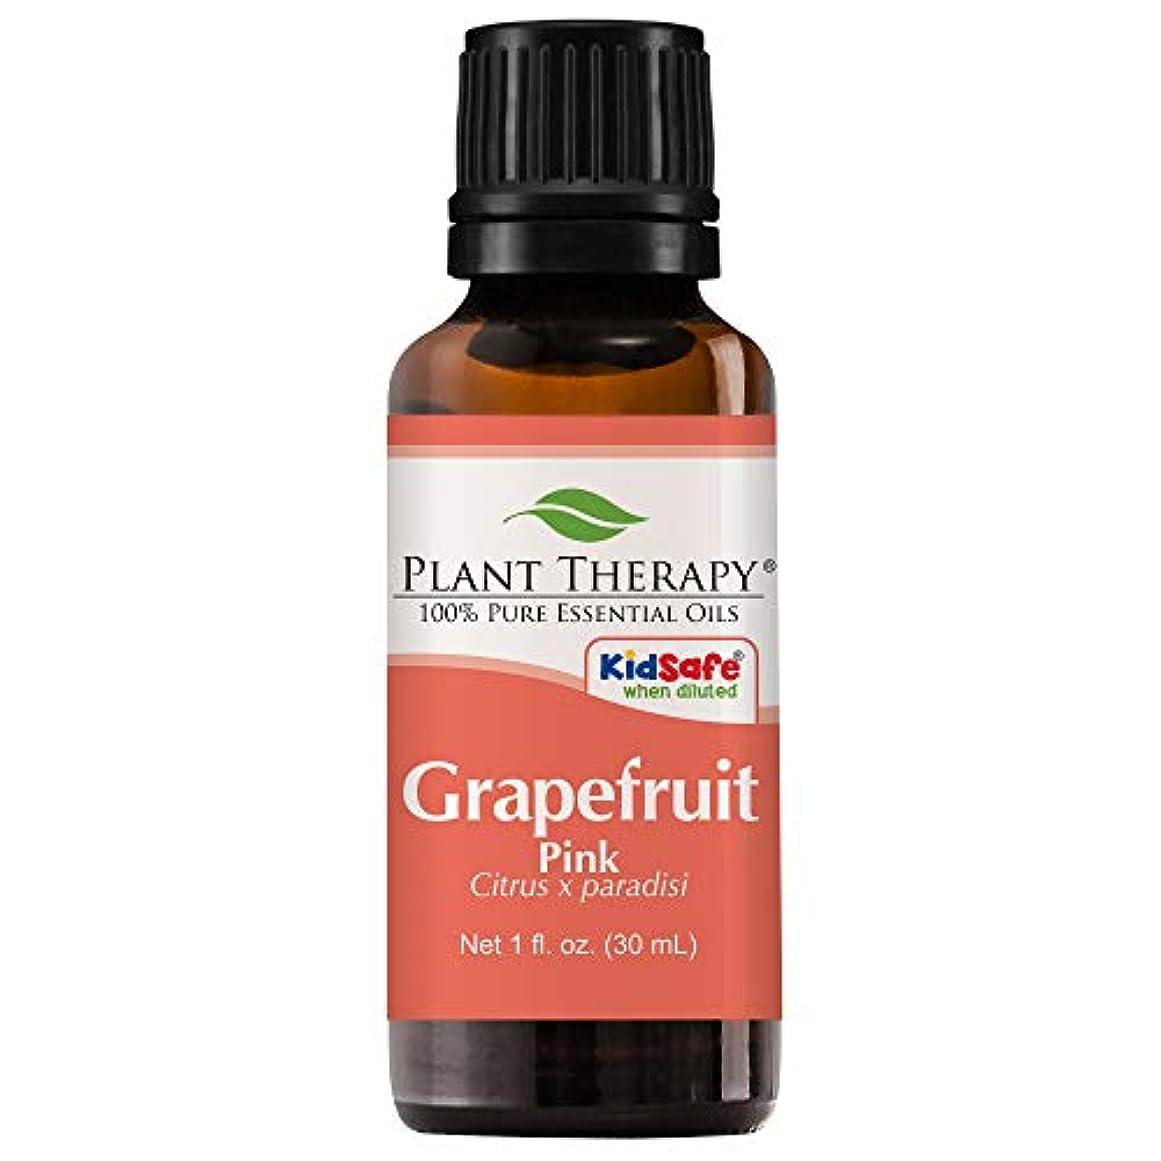 臨検来て専制植物セラピーグレープフルーツ(ピンク)エッセンシャルオイル。 100%ピュア、希釈していない、治療グレード。 30ミリリットル(1オンス)